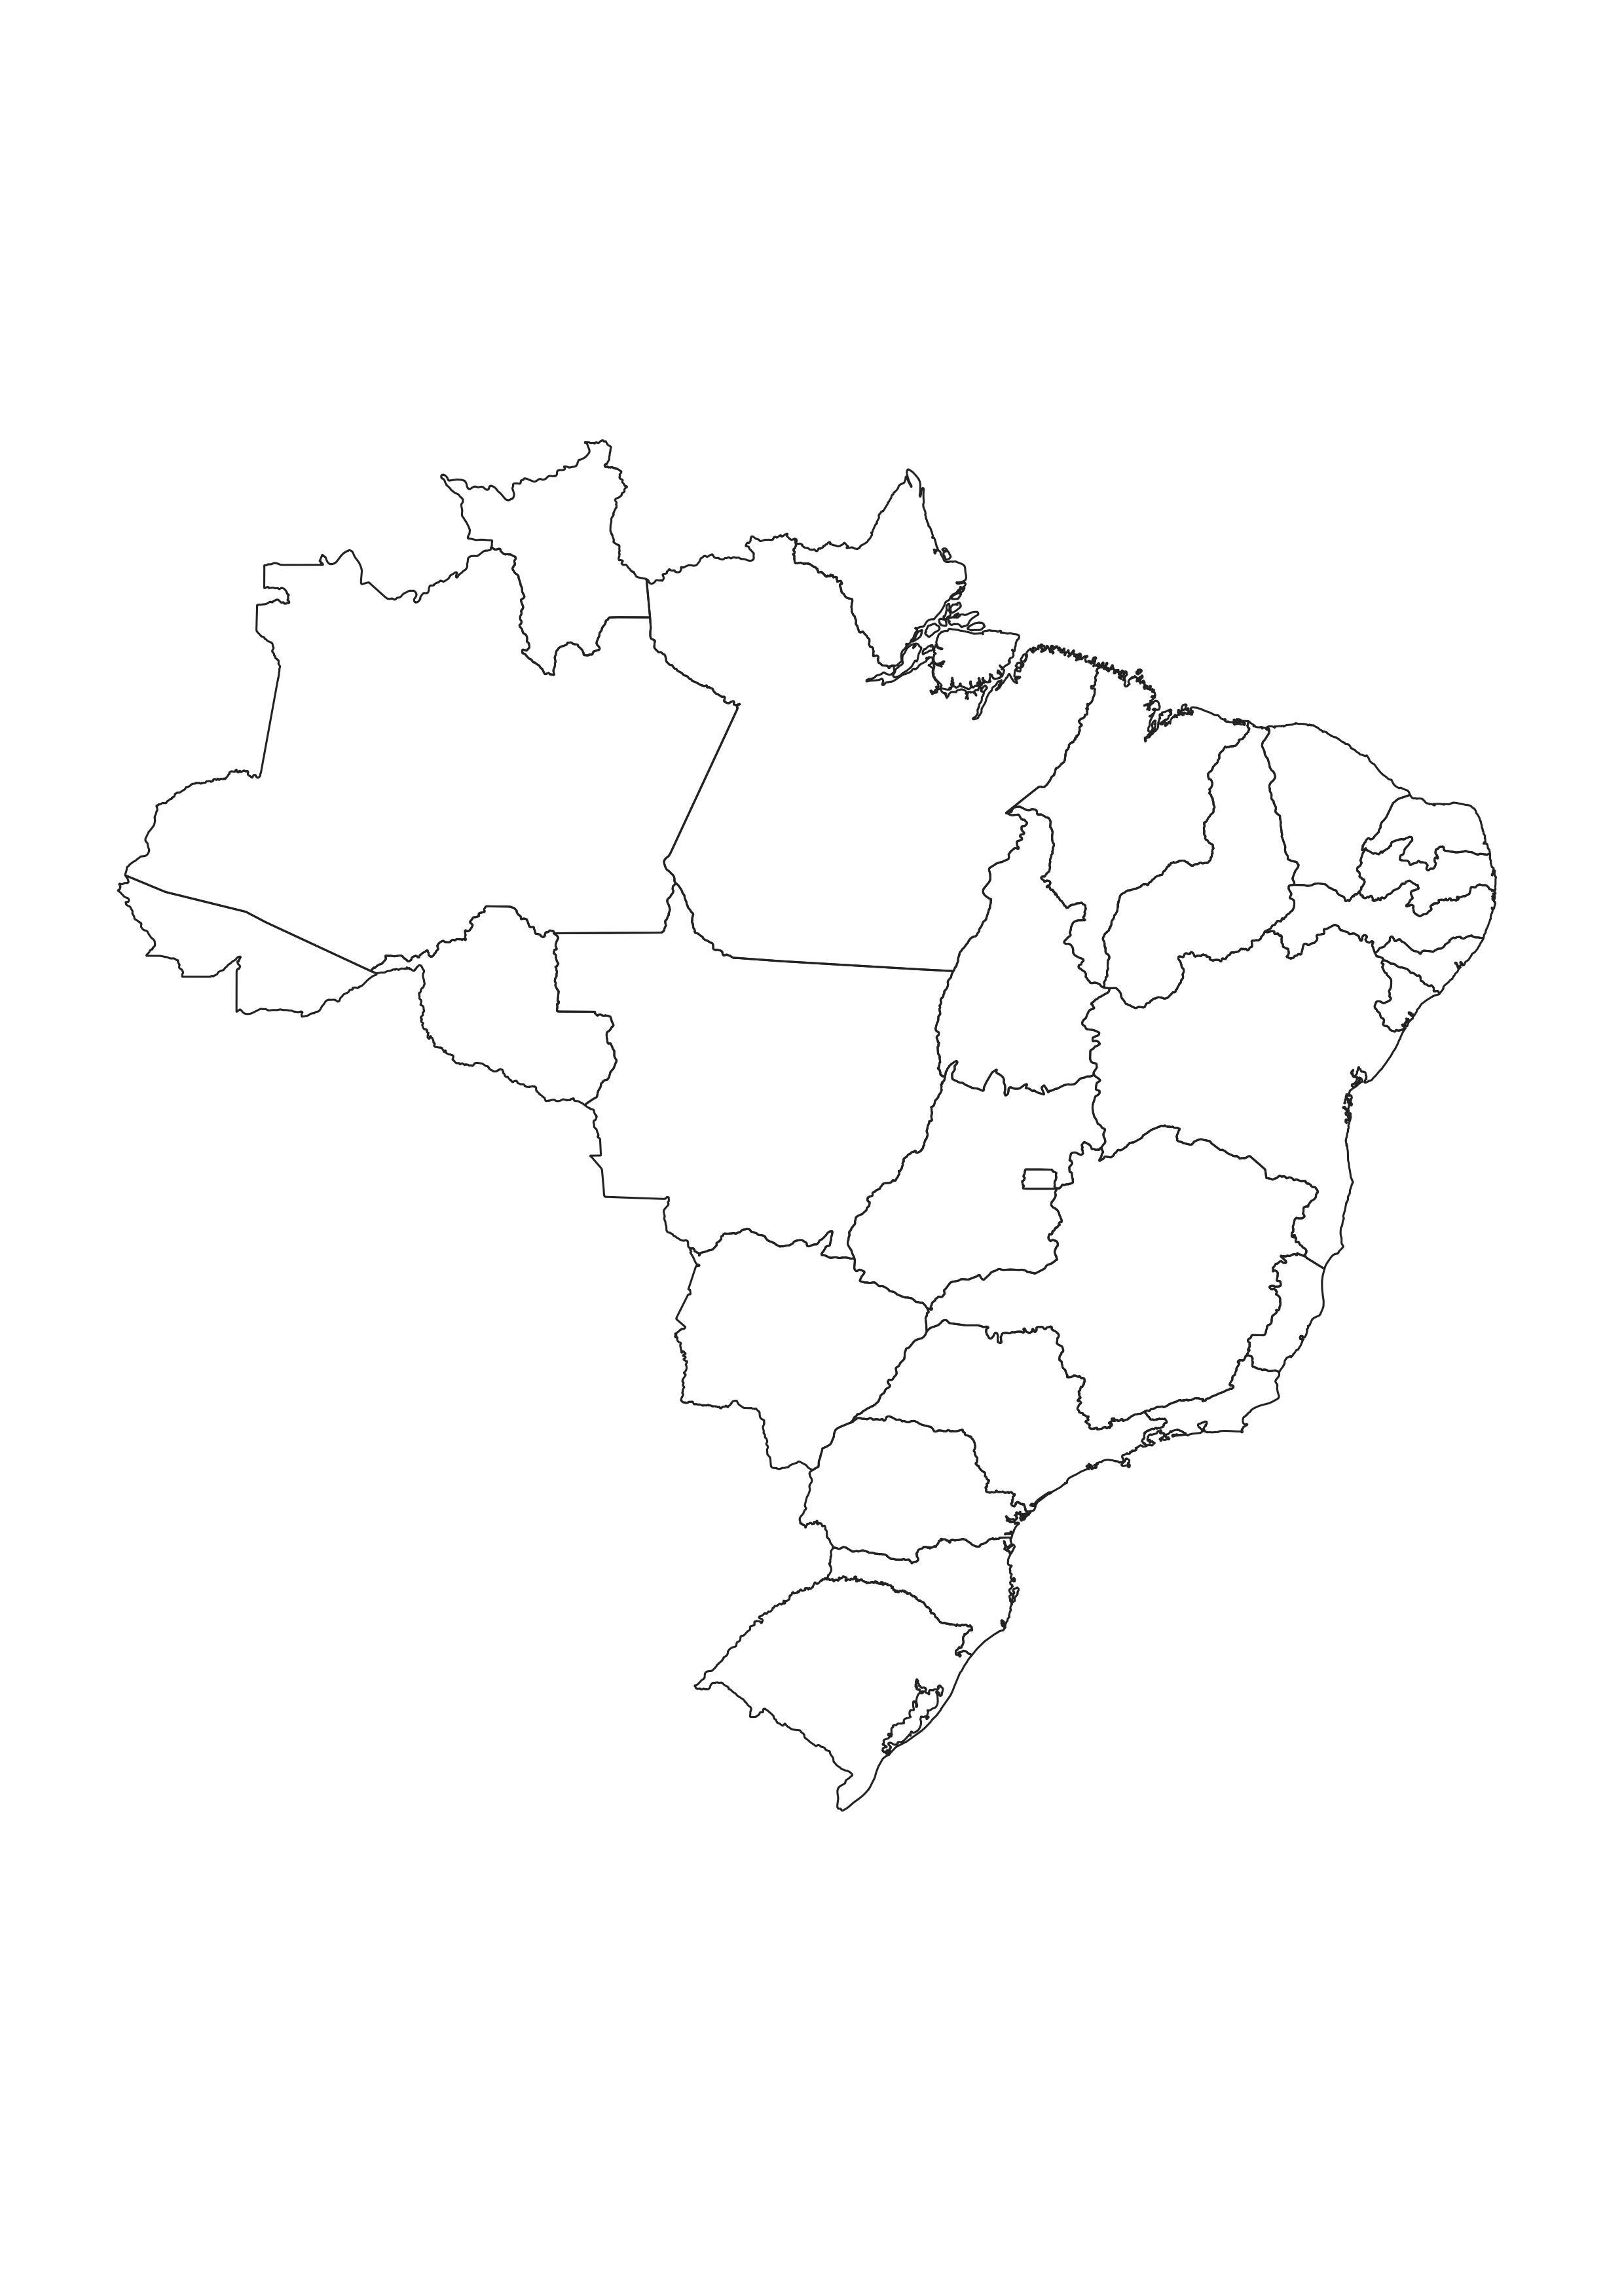 Mapa Dos Estados Brasileiros Em Preto E Branco Para Colorir